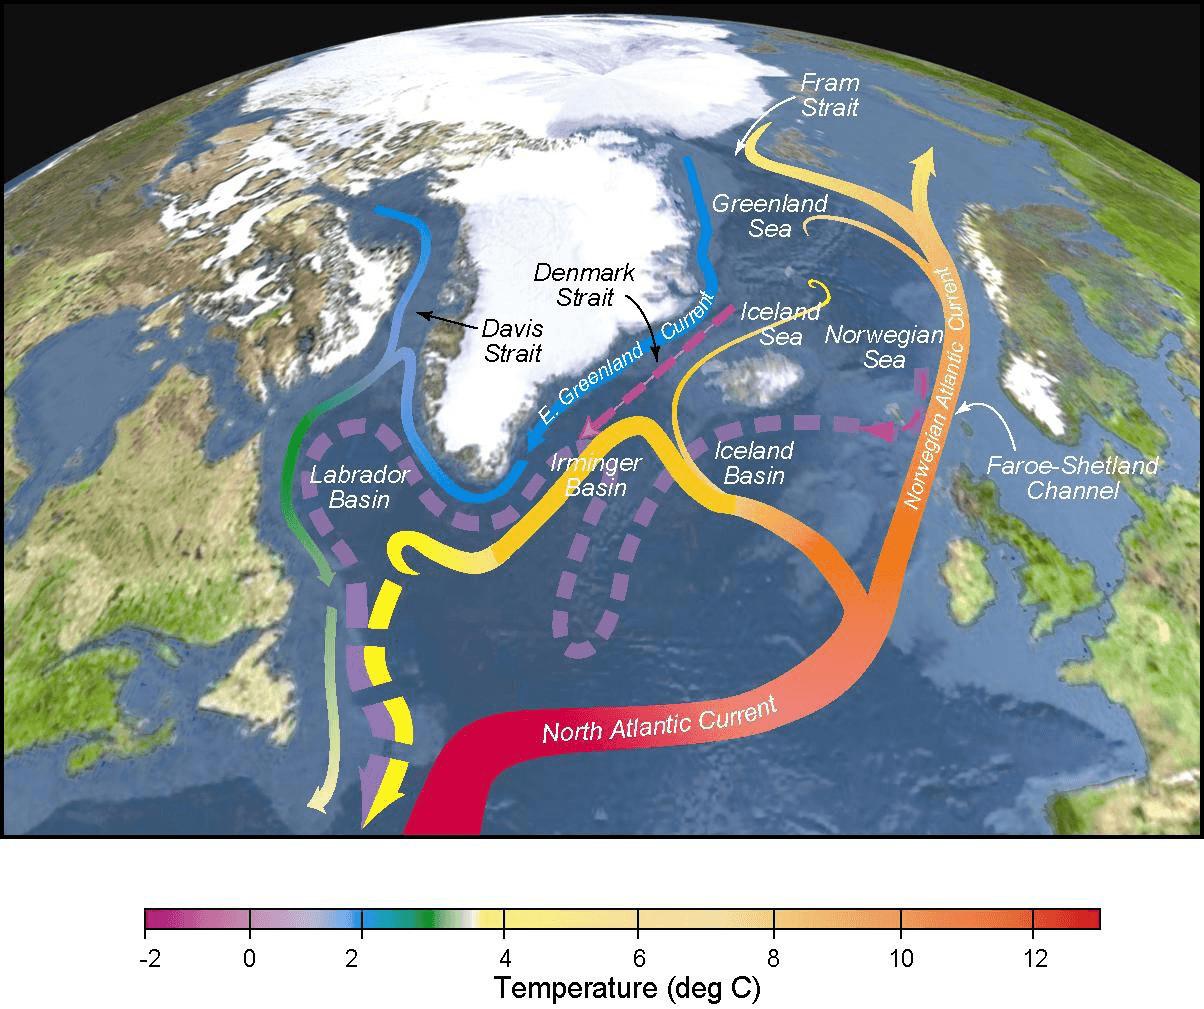 شکل -3 شرایط همرفت فعال- نگاه دقیقتر و واقعی بینانه تر در وضعیت گردش جریانهای سطحی حال حاضر در اطلس شمالی. نوارهای تو پر همان جریانهای سطحی هستند، نوارهای خطچین جریان متراکم عمیق آب را نشان میدهند. رنگ و درجه حرارت تقریبی آب را به تصویر میکشد